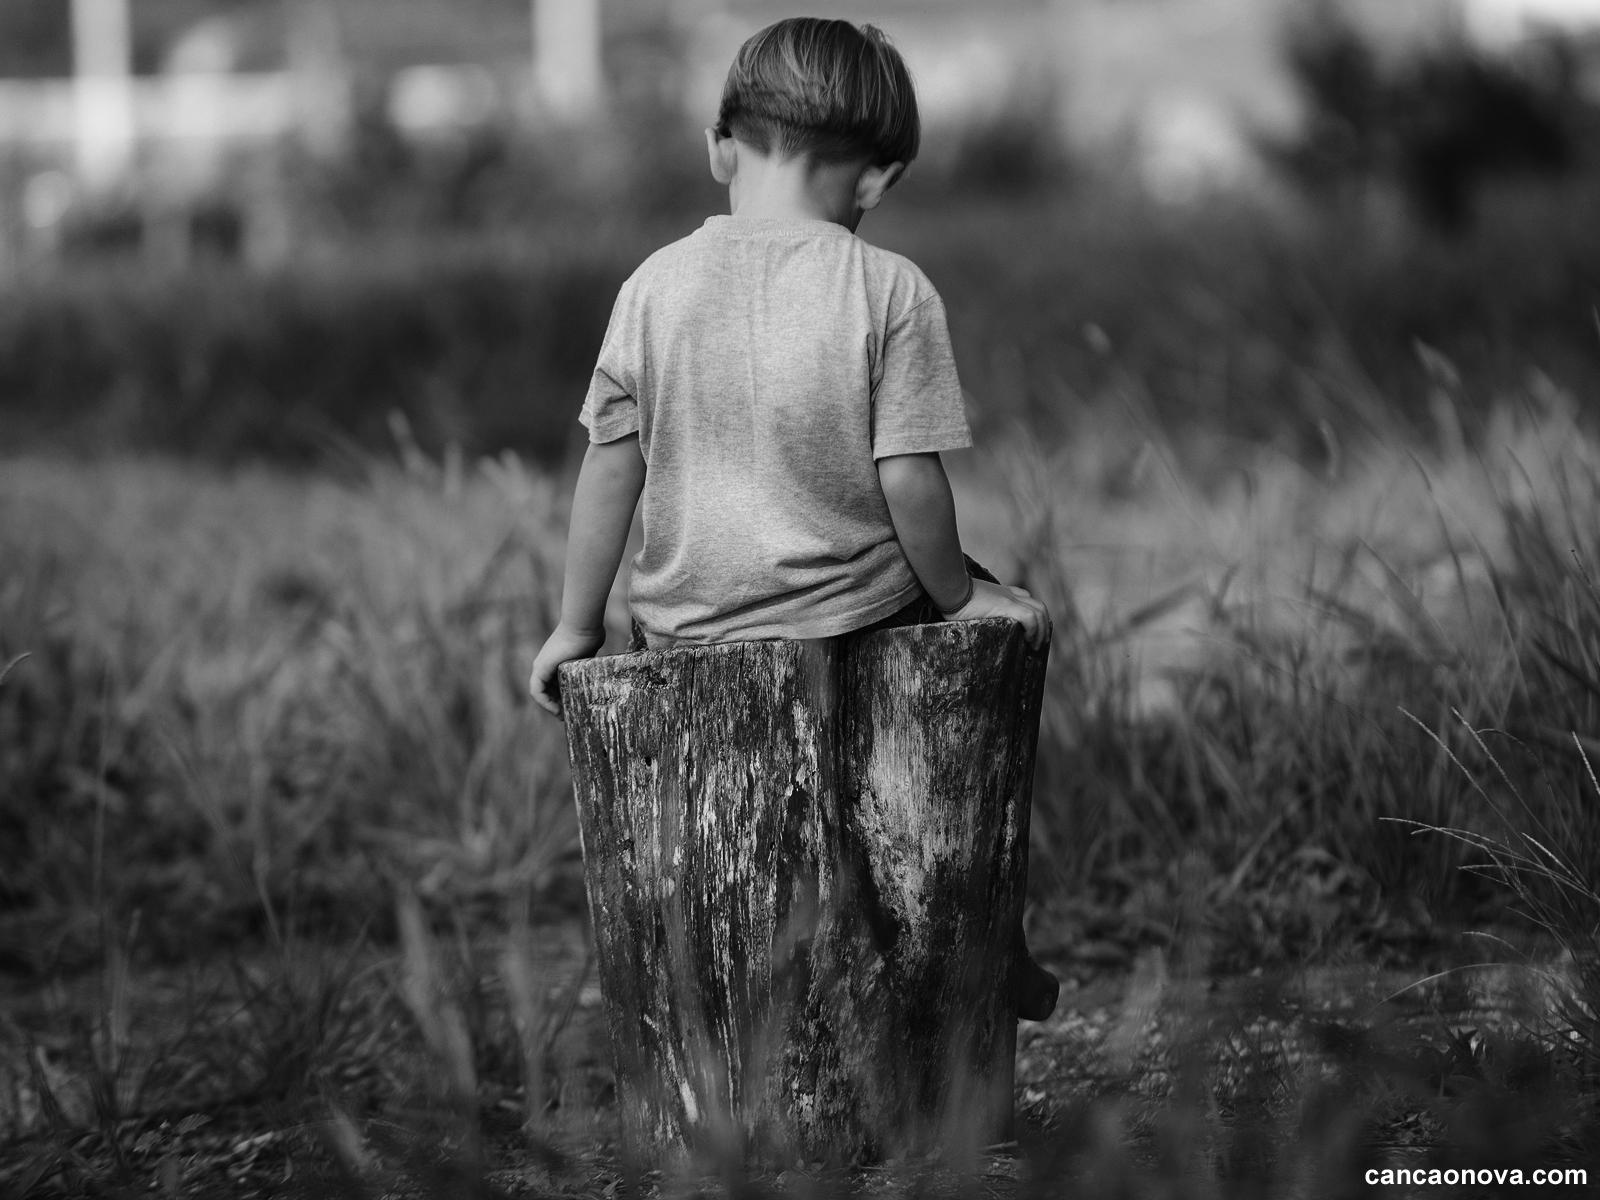 Filhos órfãos de pais vivos: qual a consequência dessa realidade?